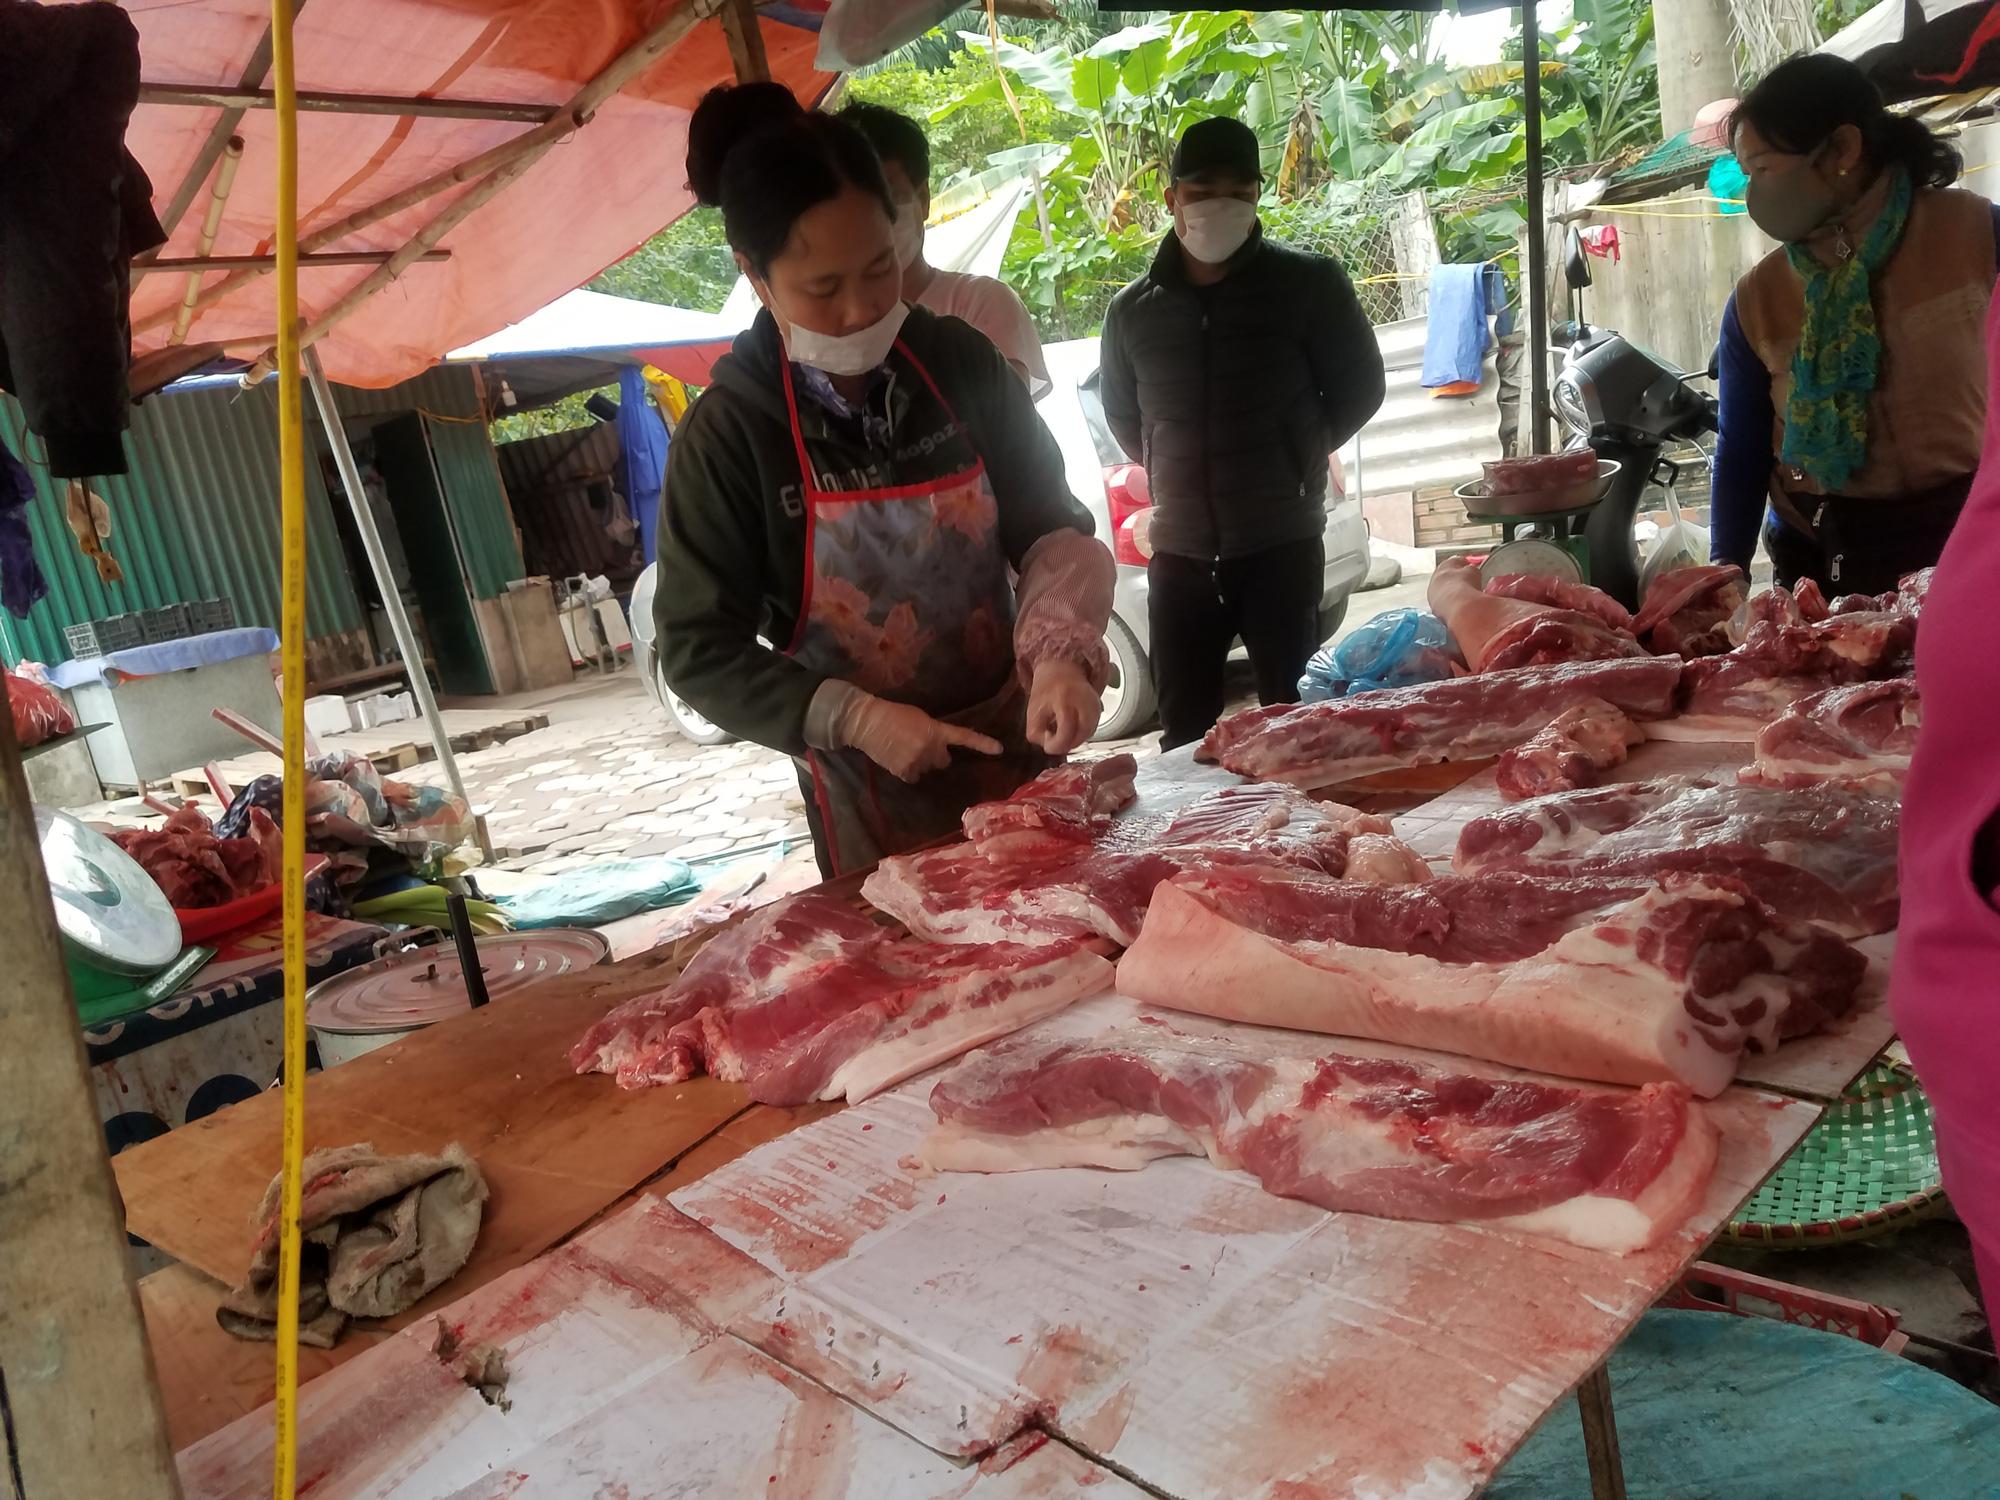 Hà Nội: Người dân tranh thủ ra các chợ, siêu thị mua lương thực và các đồ thiết yếu - Ảnh 12.